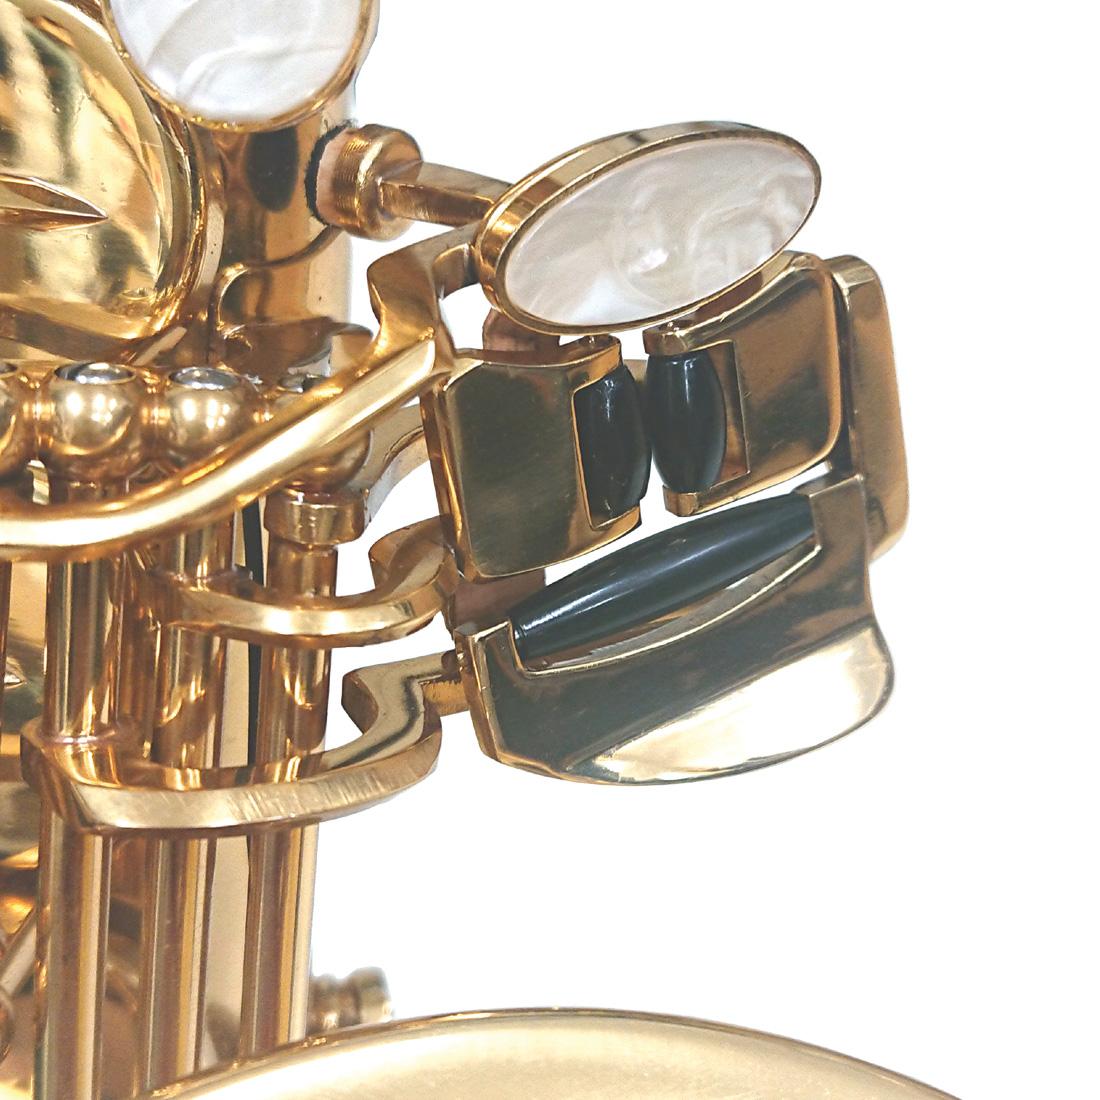 左手小指の操作を楽にするC♯-B♭連動キイシステムが付いています。初心者にも扱いやすい楽器になっています。